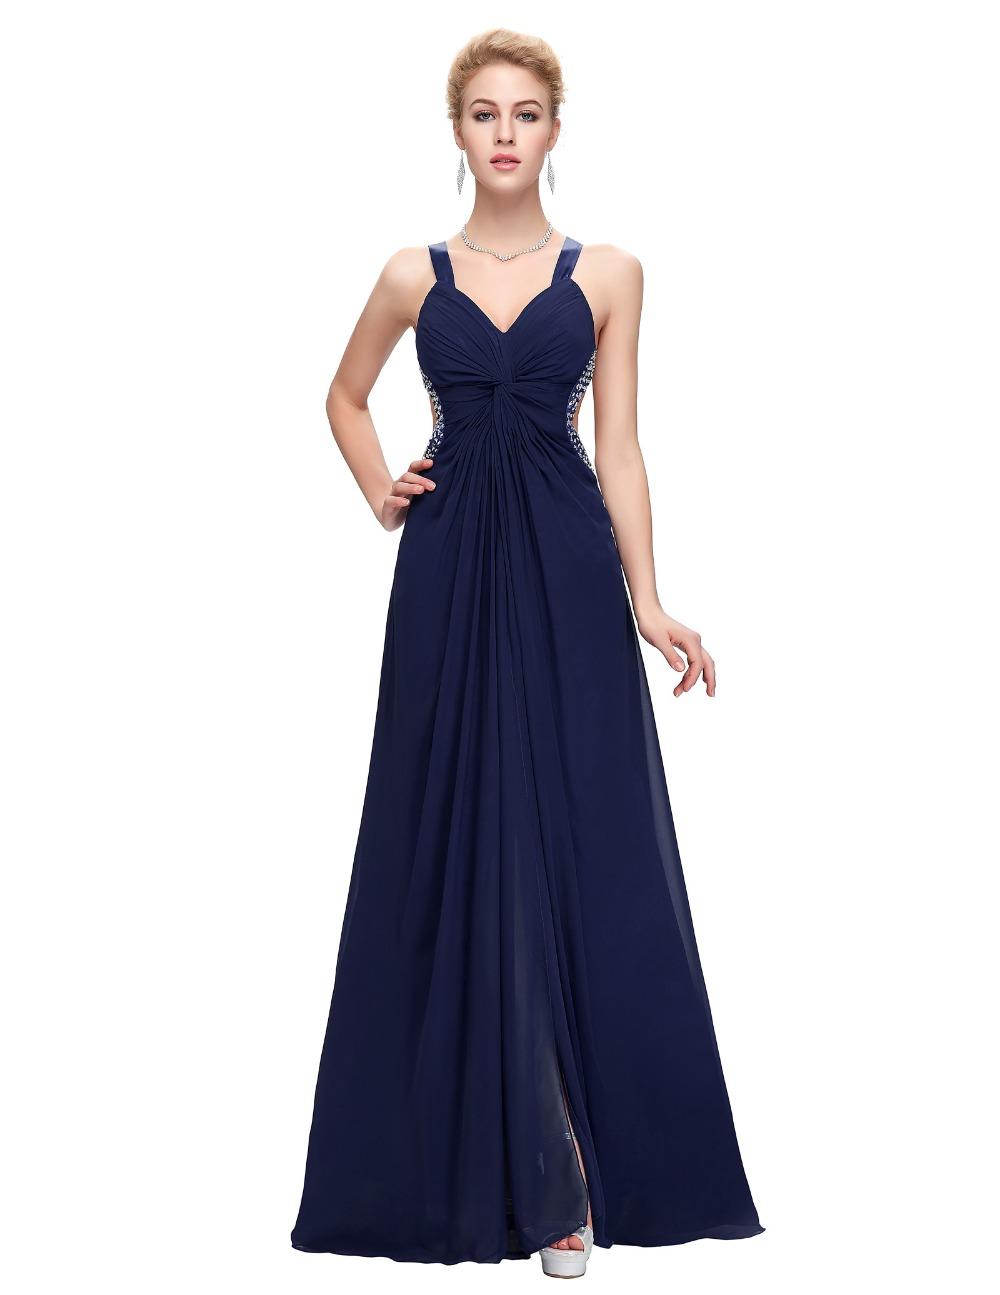 Spaghetti straps long elegant prom dresses 2016 navy blue for Navy evening dresses for weddings